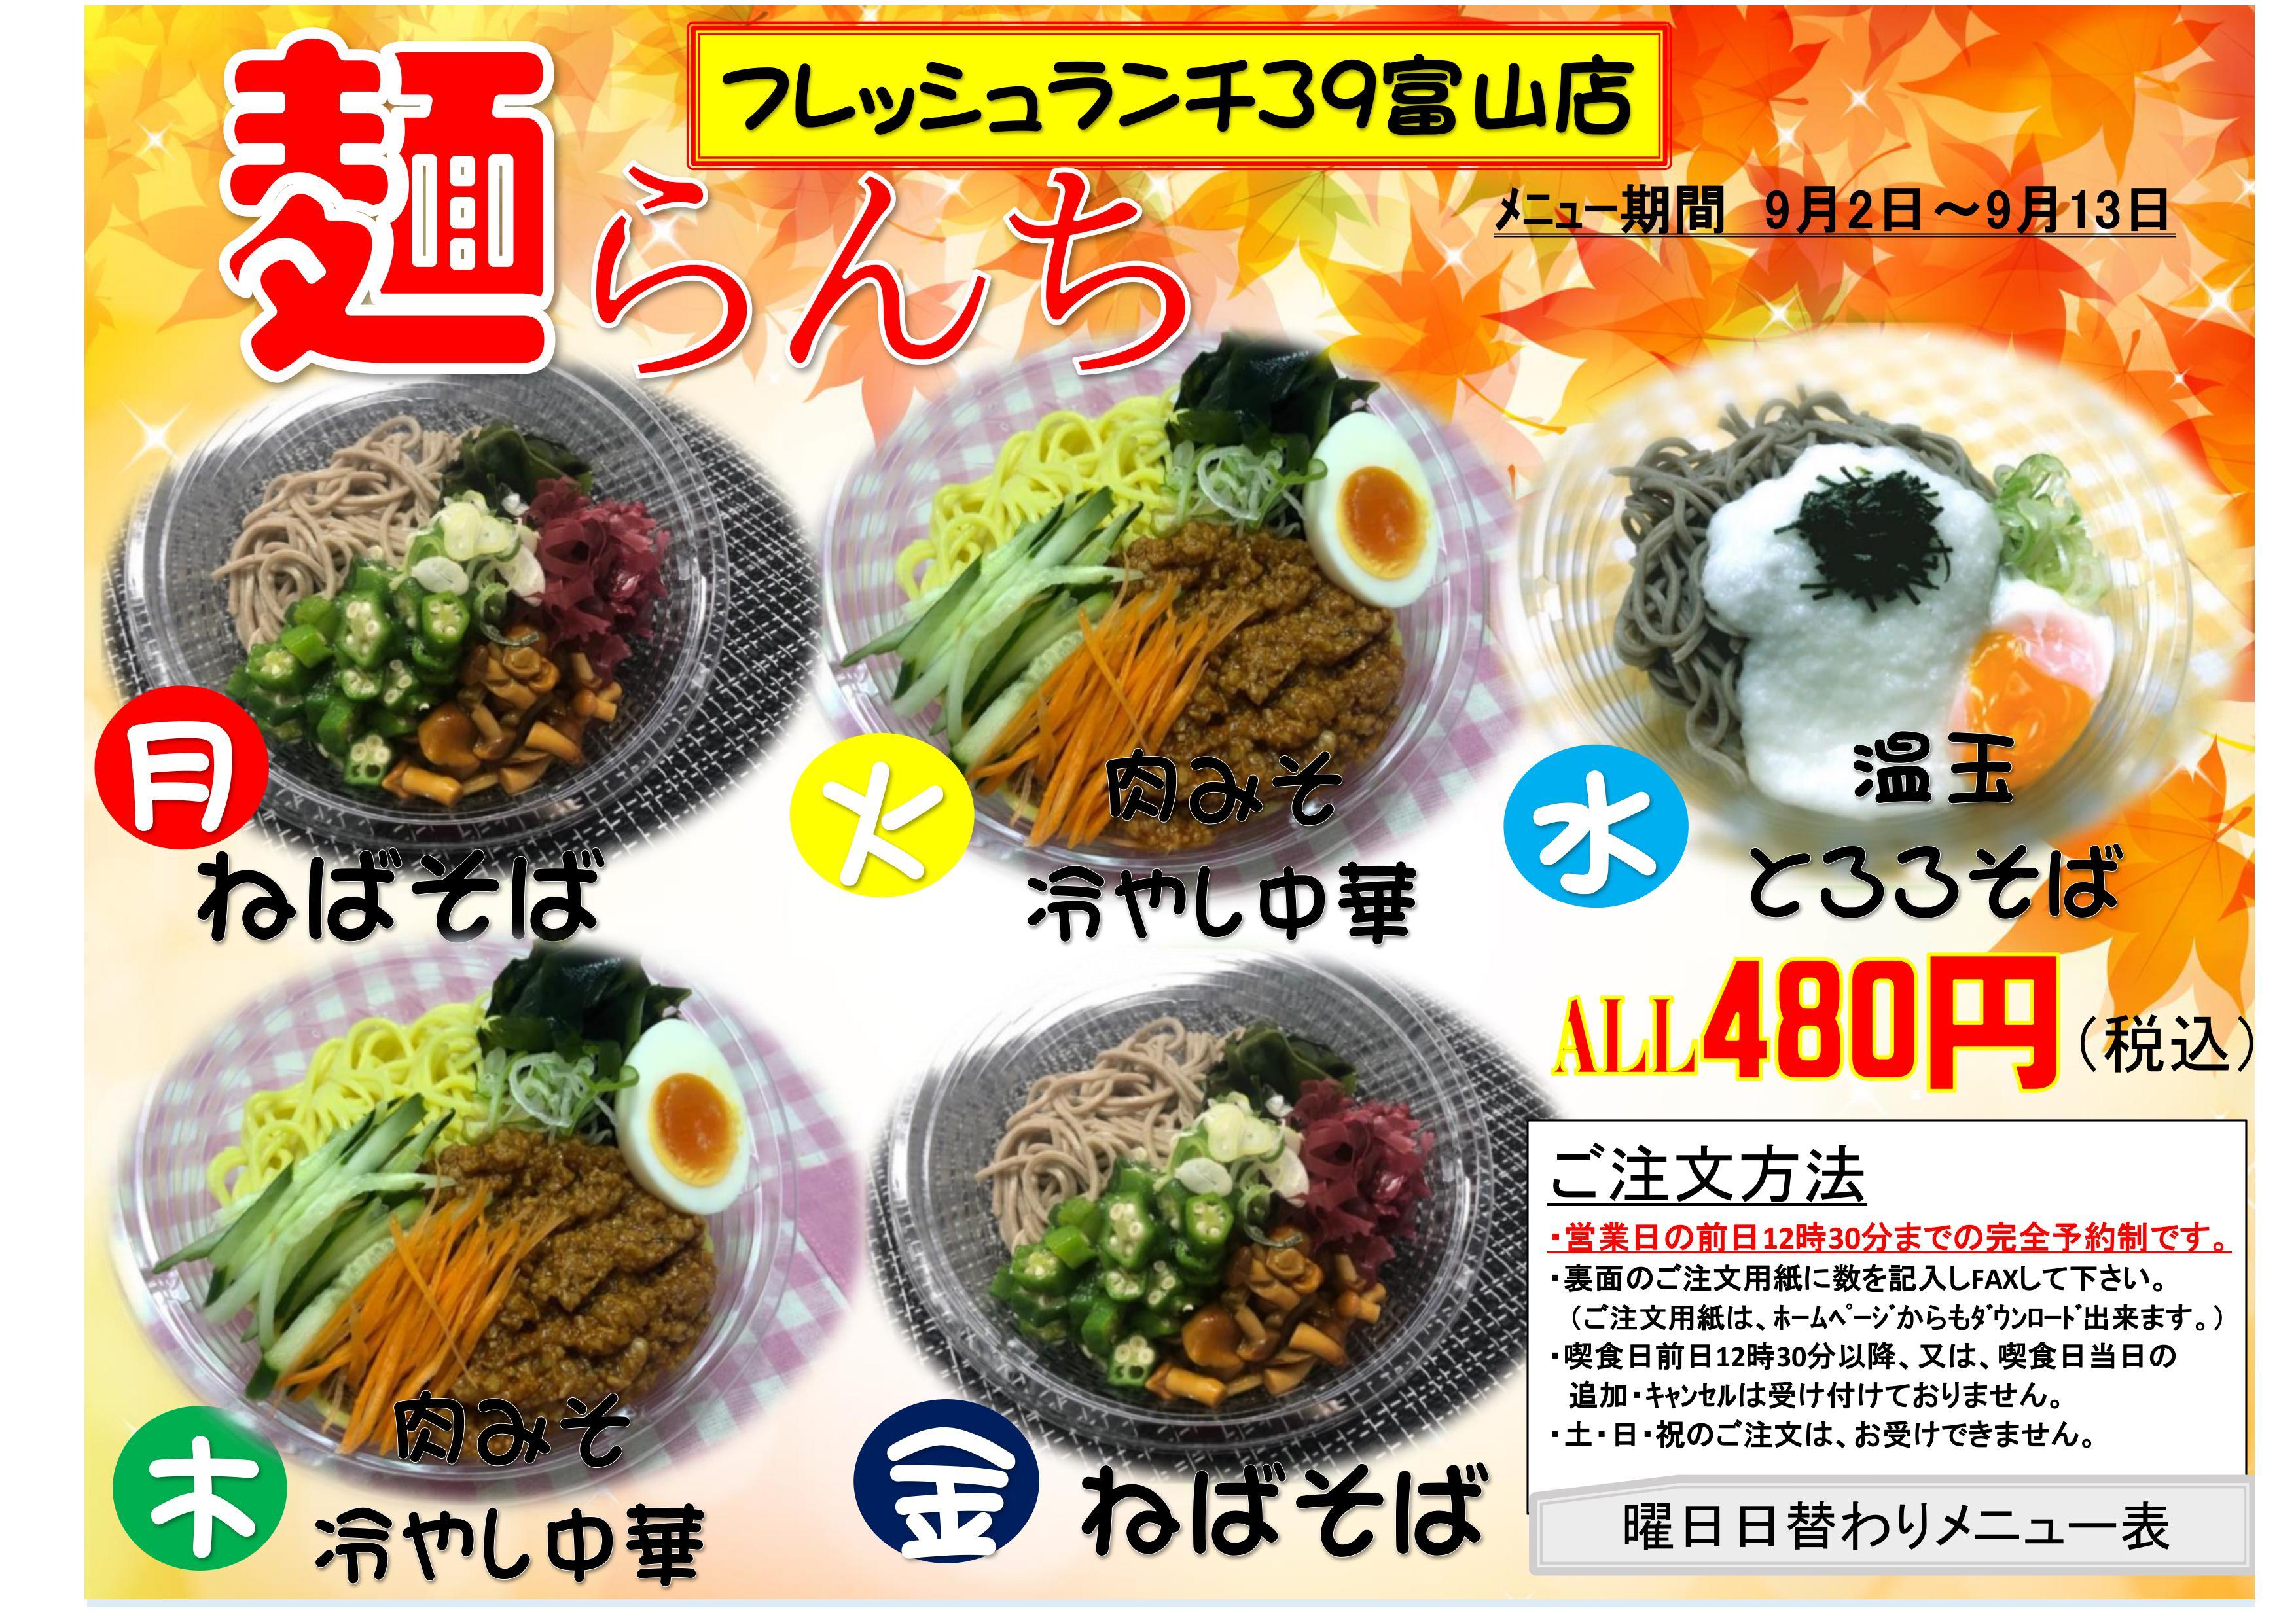 9月の麺ランチのメニューは、こちらです!